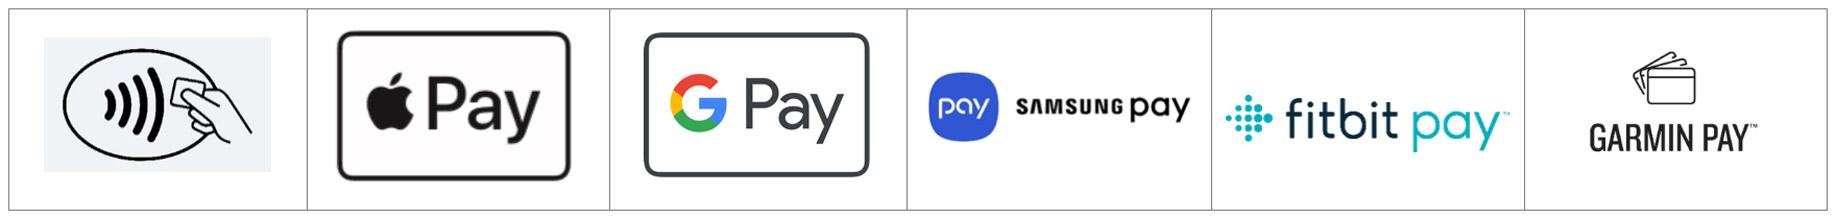 electronic-payment-logos